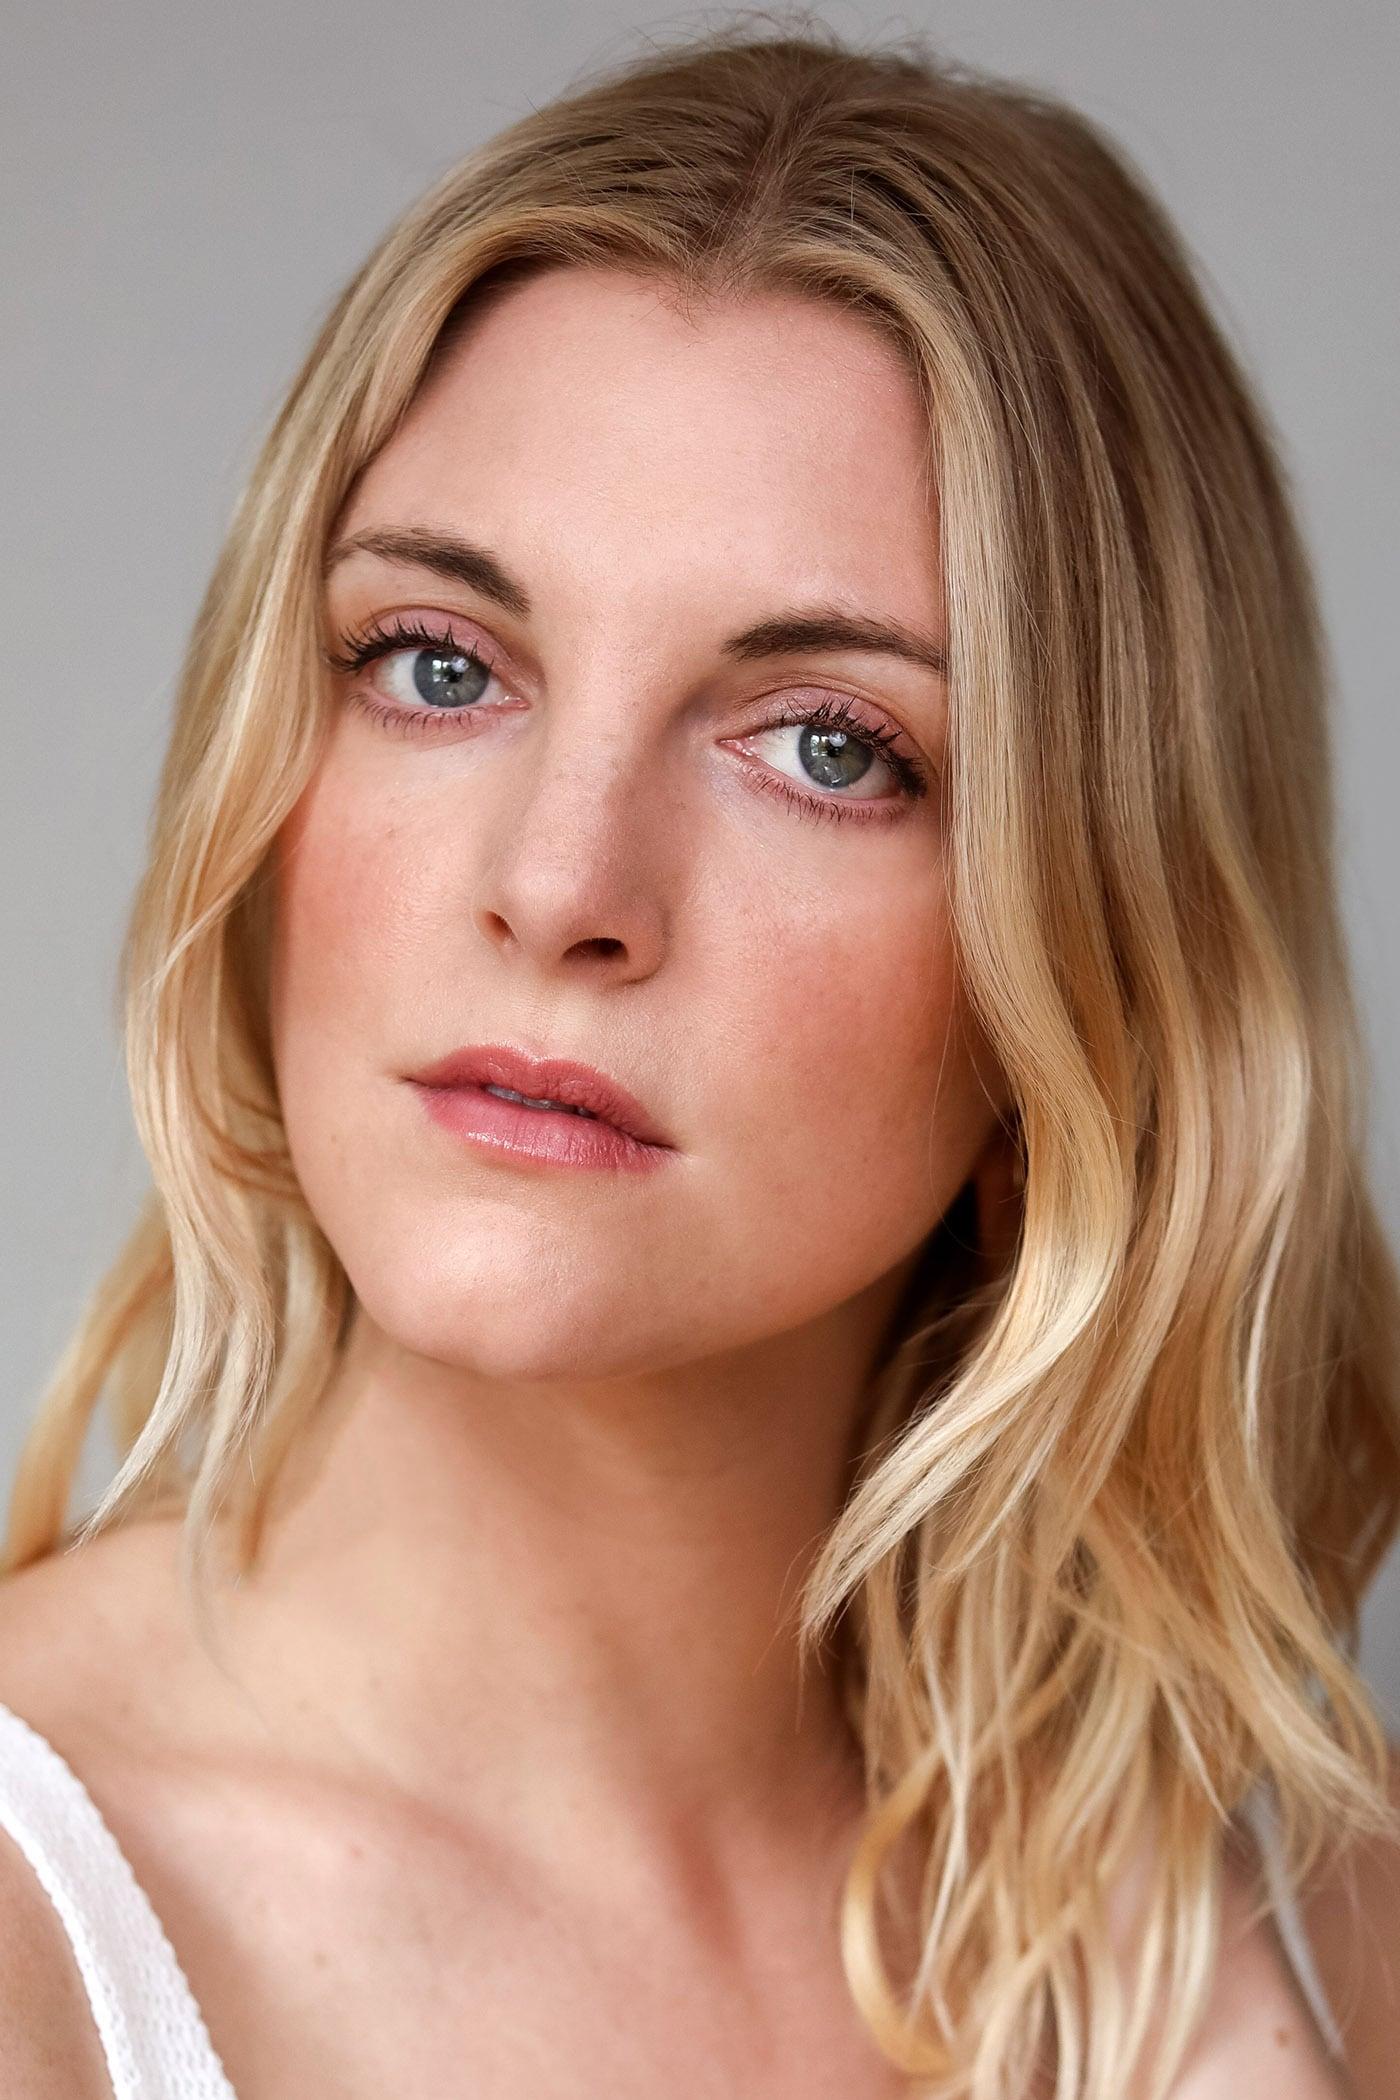 Lauren Beatty